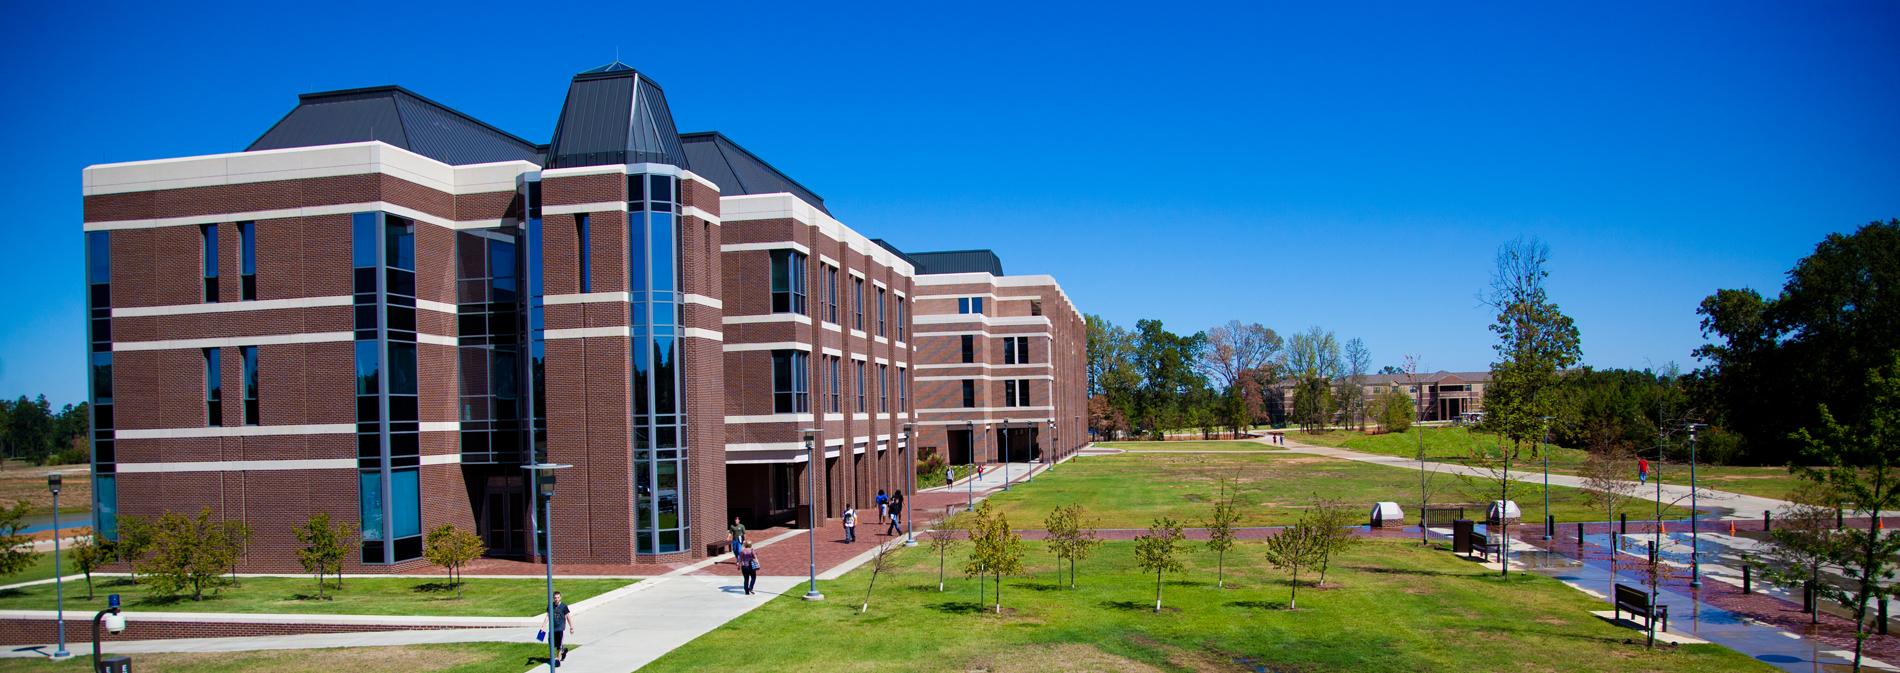 Photo courtesy of Texas A&M University-Texarkana.